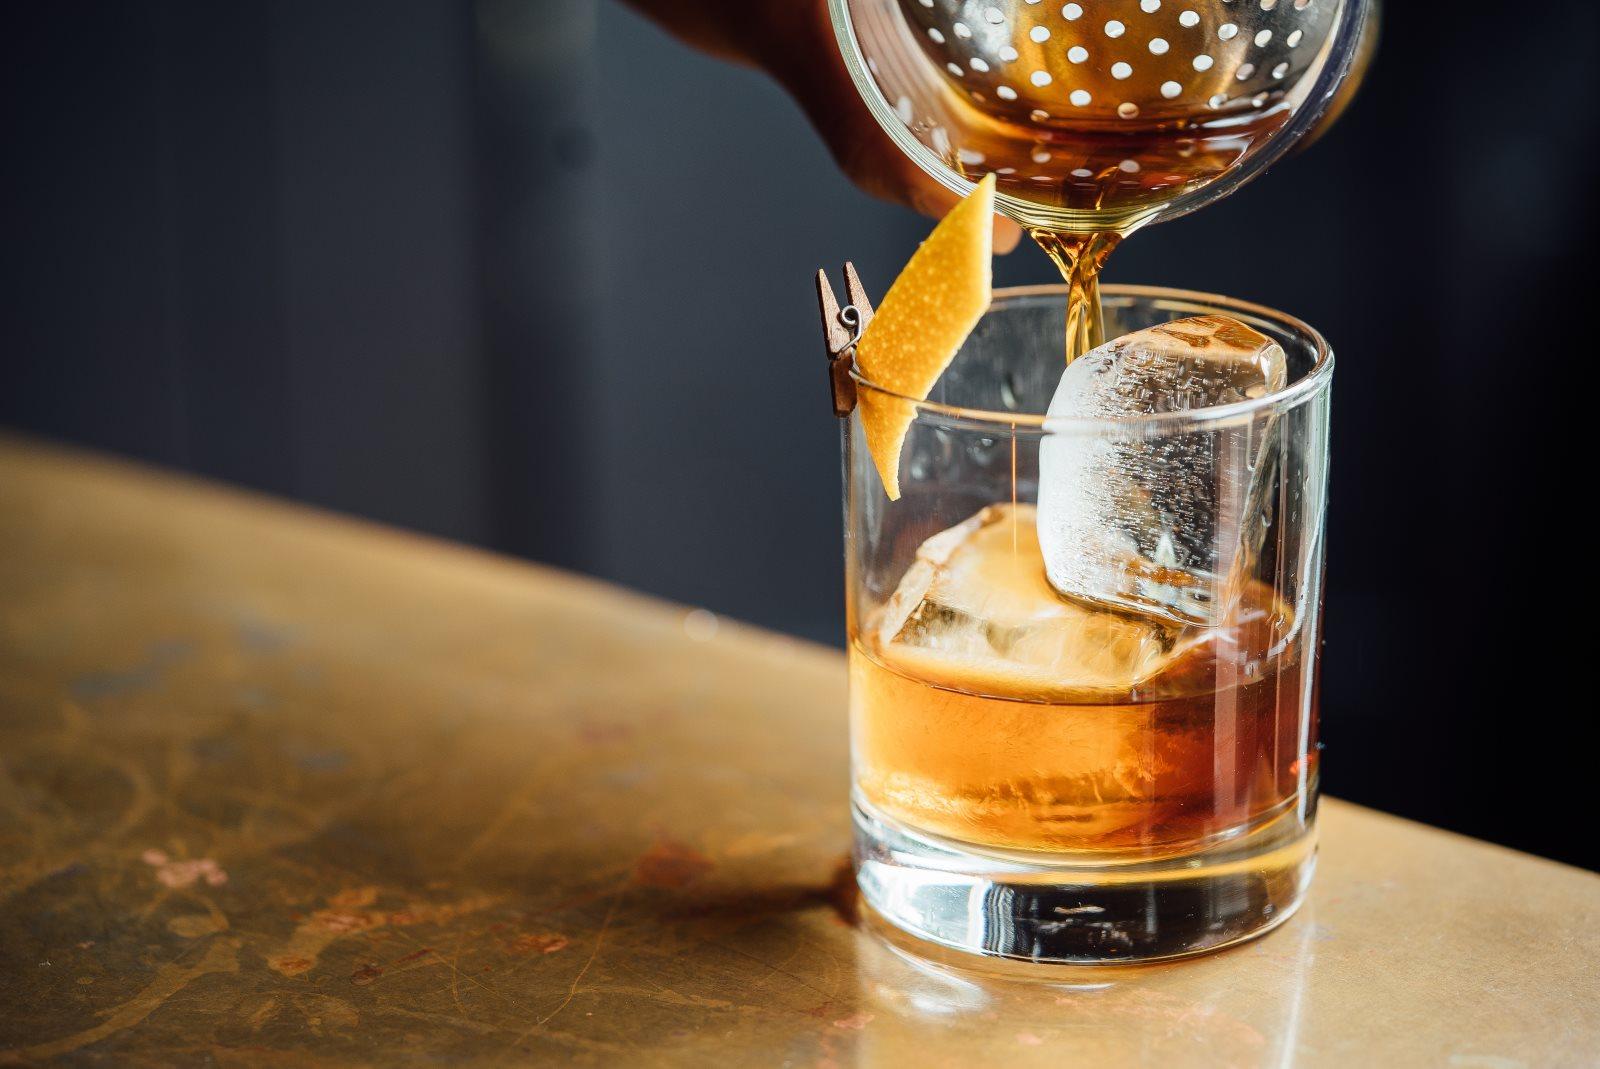 Z czym pić Whisky (zamiast coli)? 5 sprawdzonych drinków